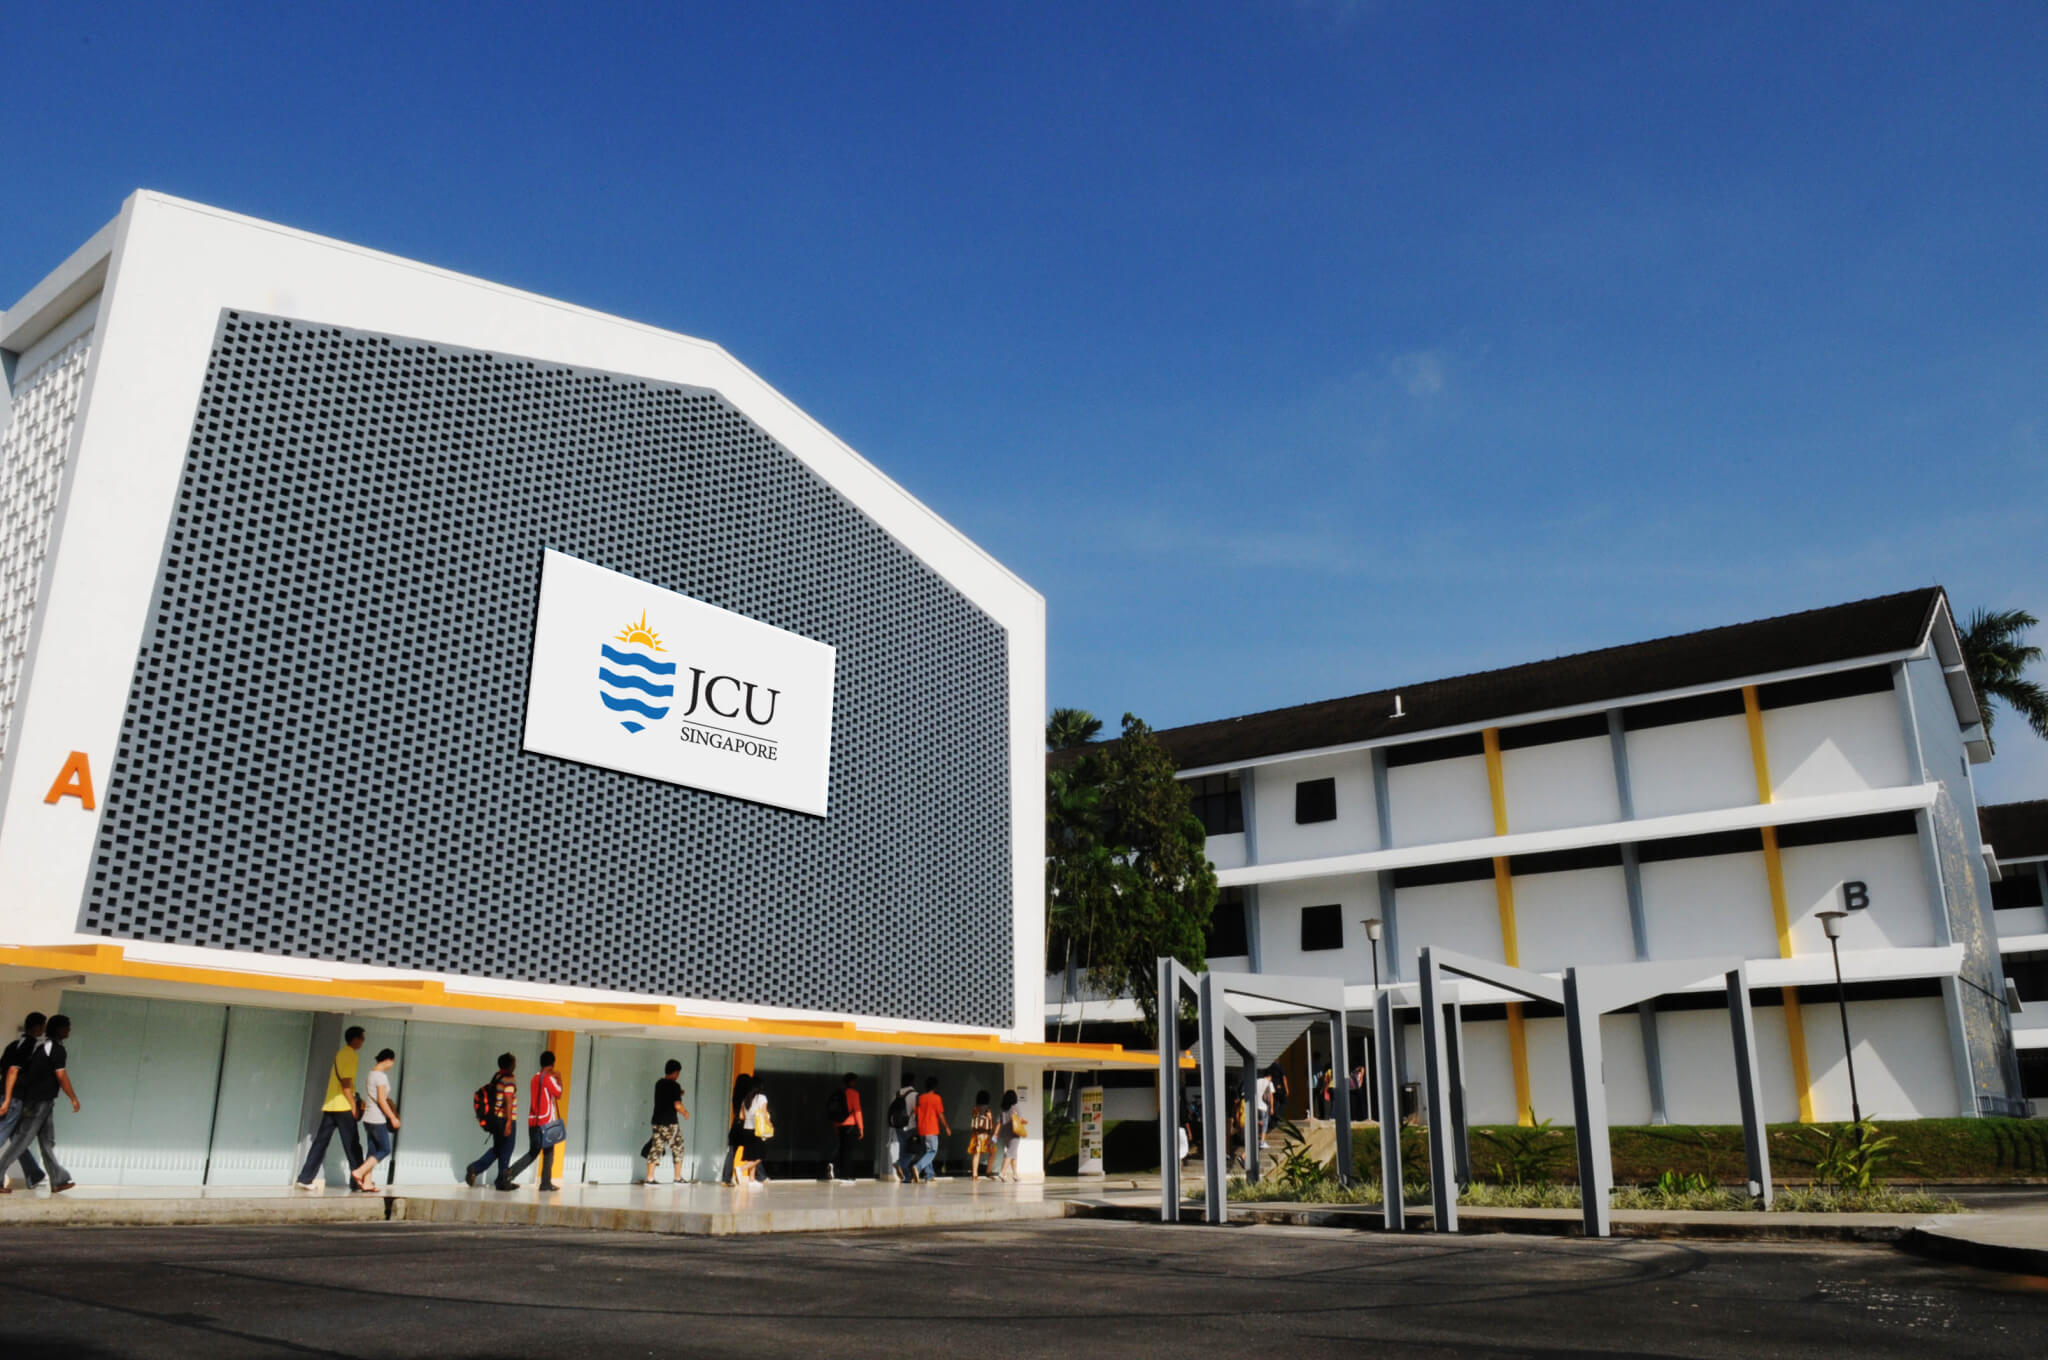 Tiết kiệm 40.5 triệu đồng tại JCU Singapore năm 2015